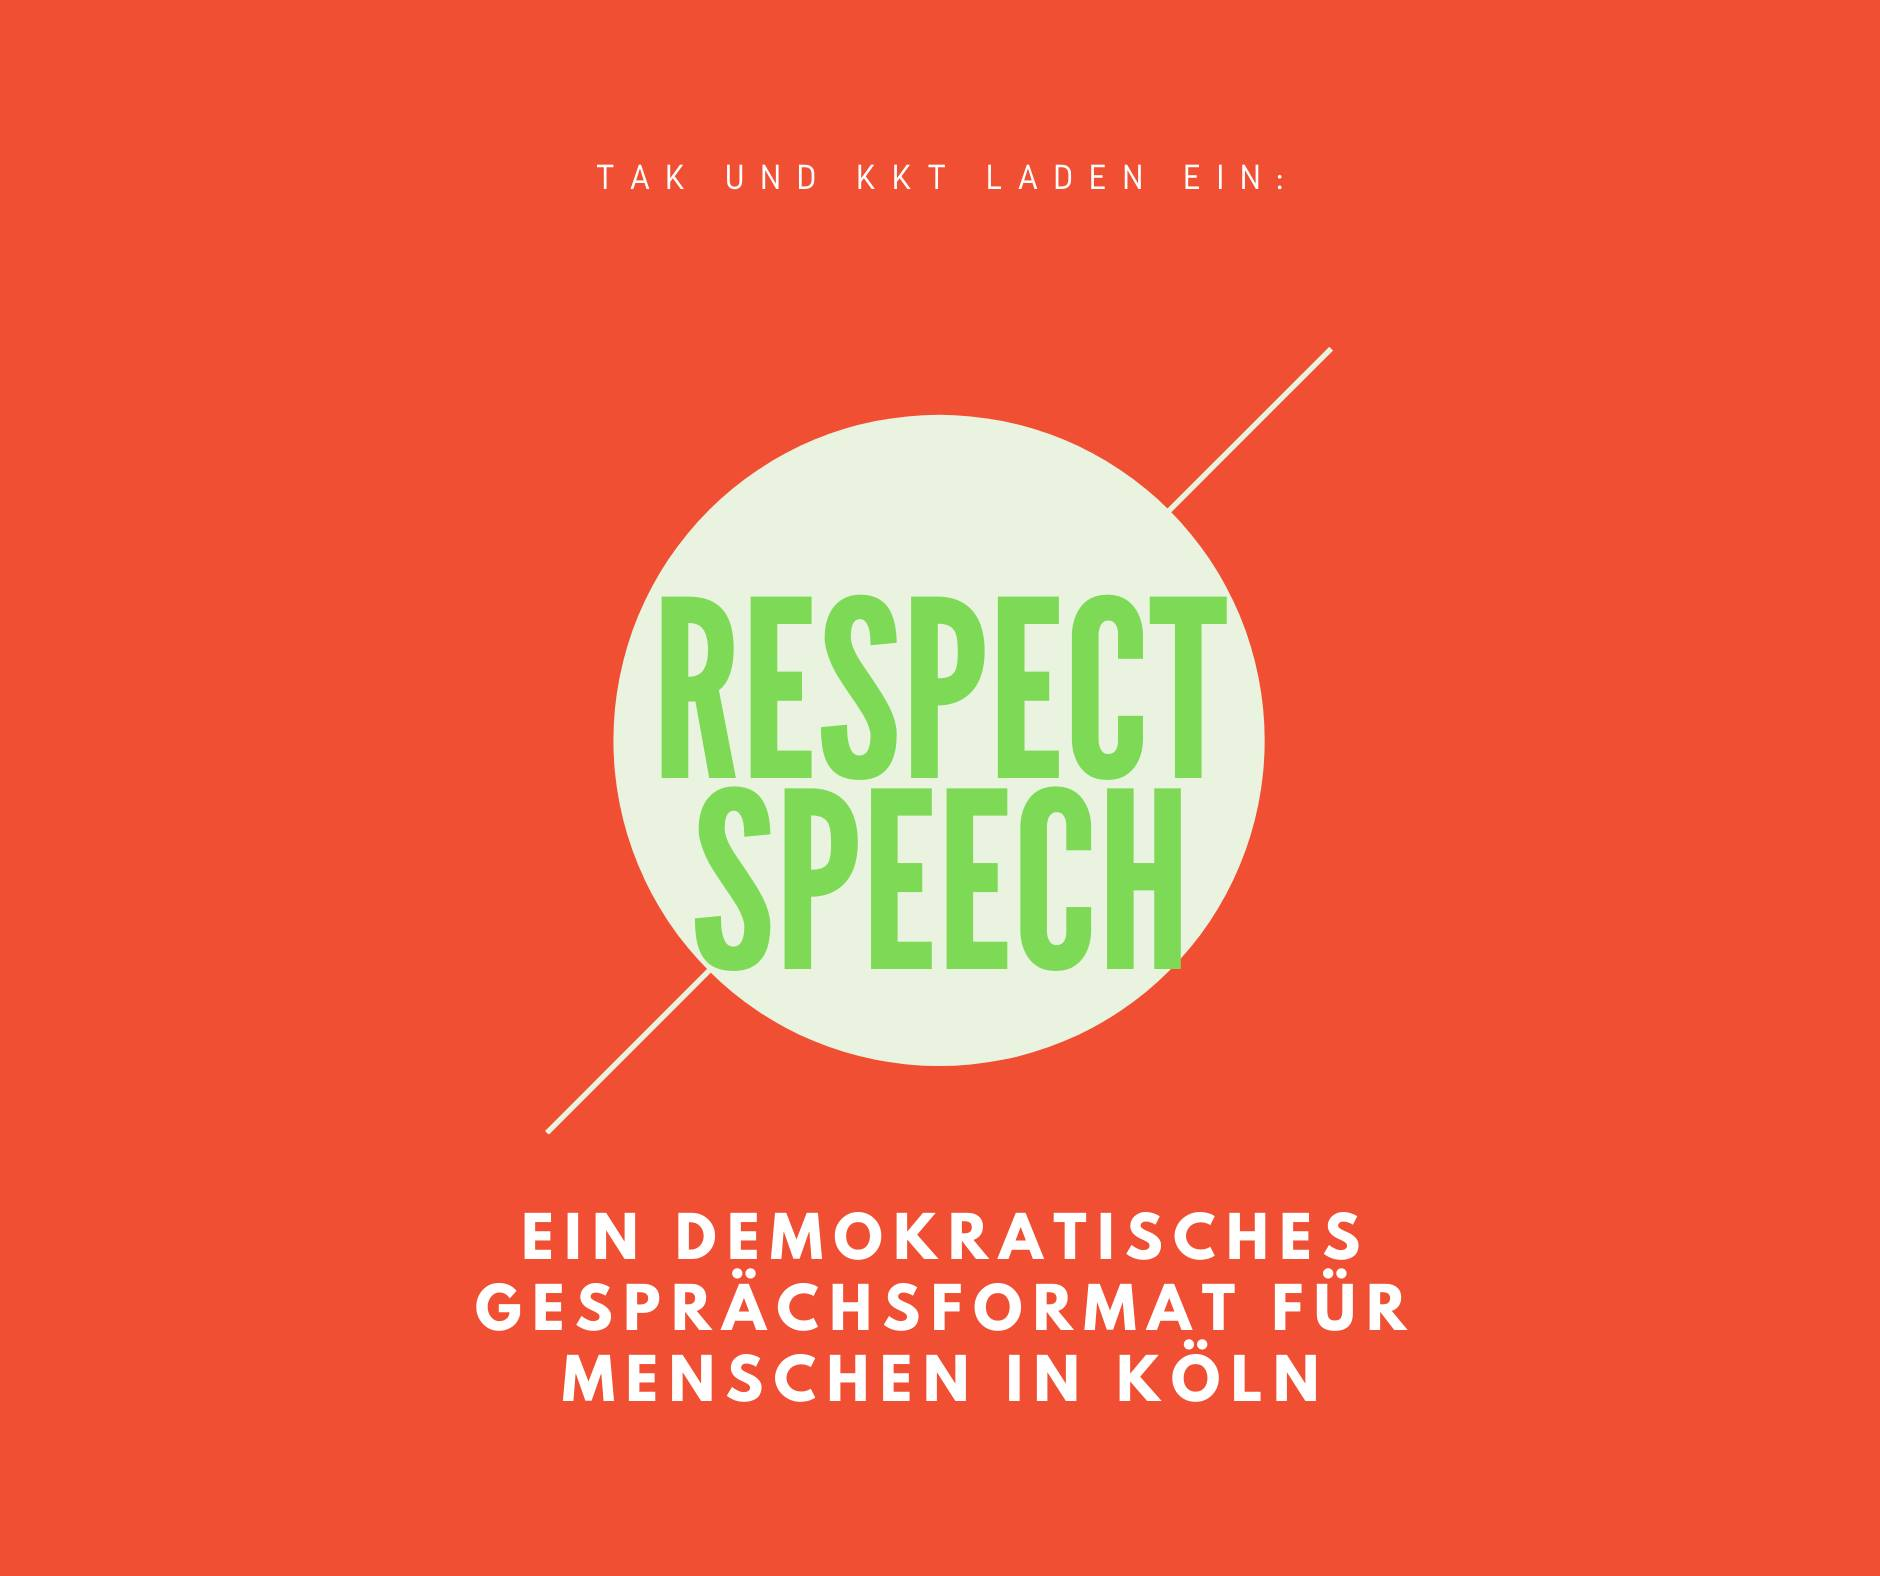 RESPECT SPEECH